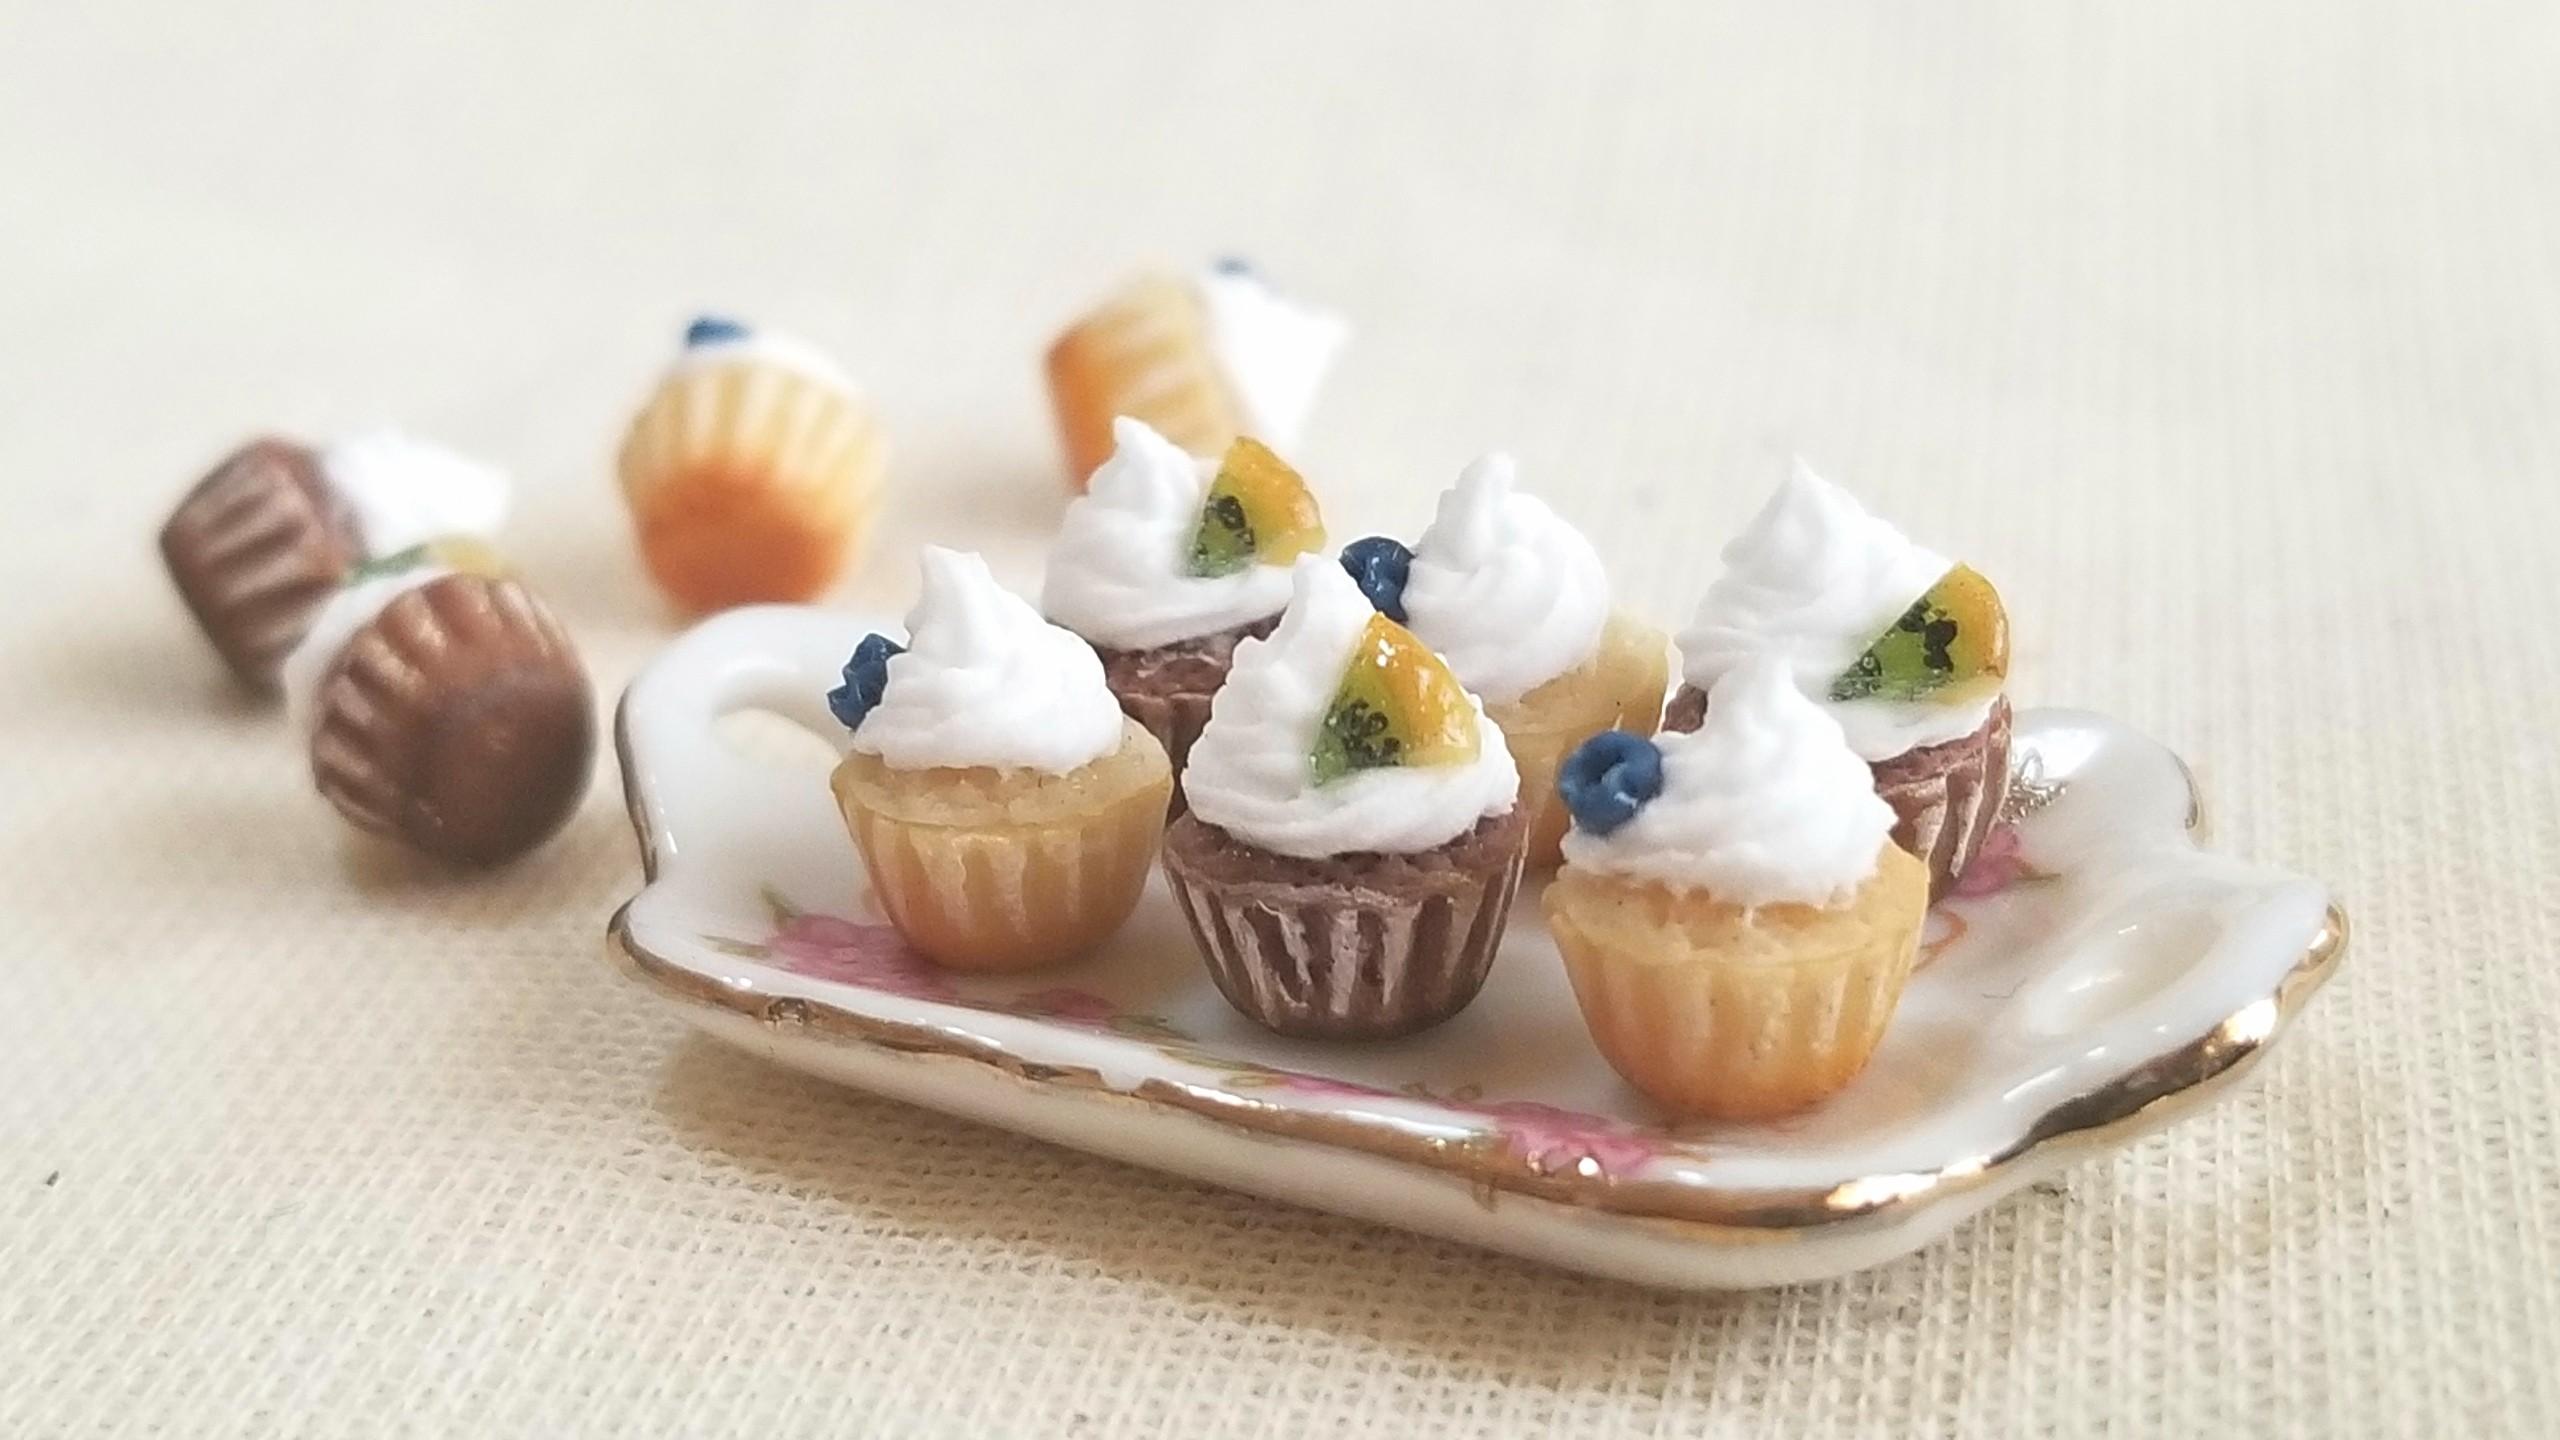 ミニチュアフード,生クリーム,カップケーキ,樹脂粘土,ドールハウス